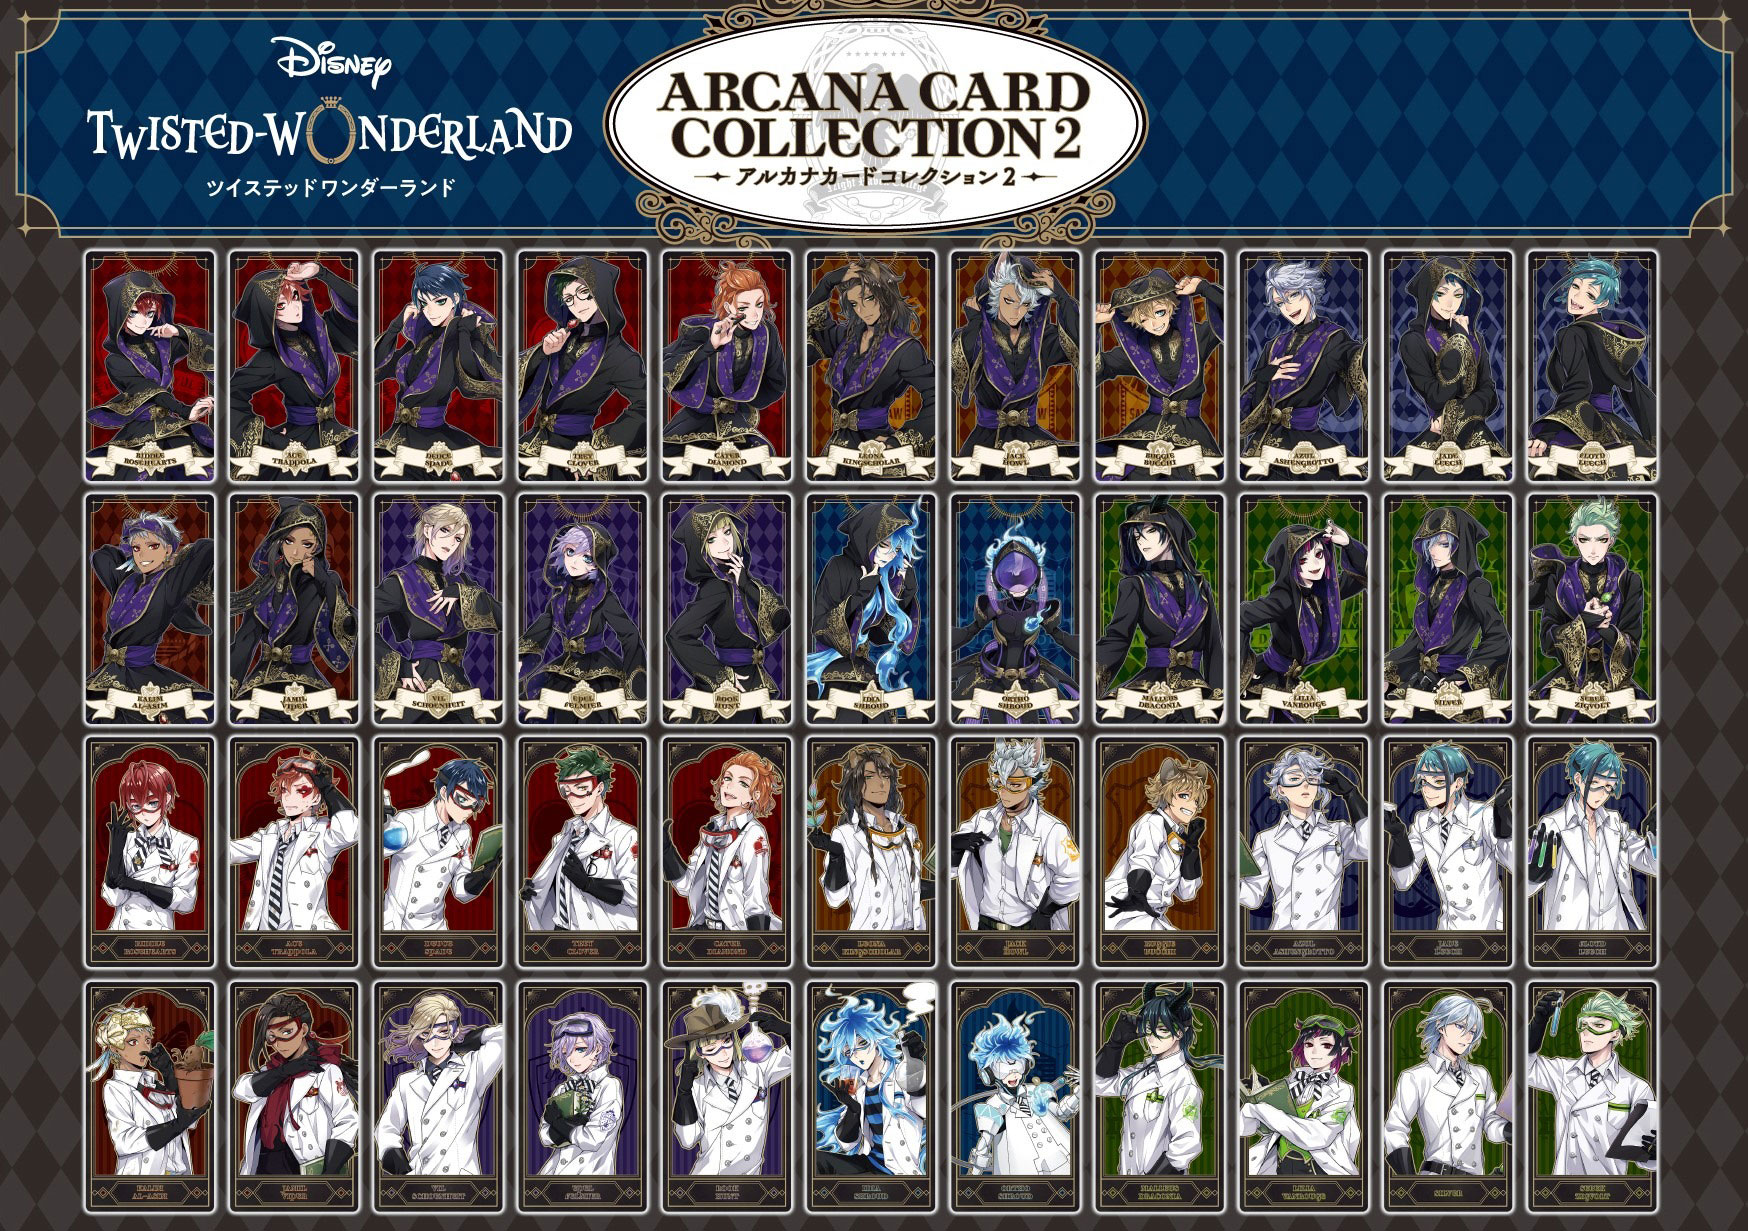 ディズニー ツイステッドワンダーランド『アルカナカードコレクション』15個入りBOX-001